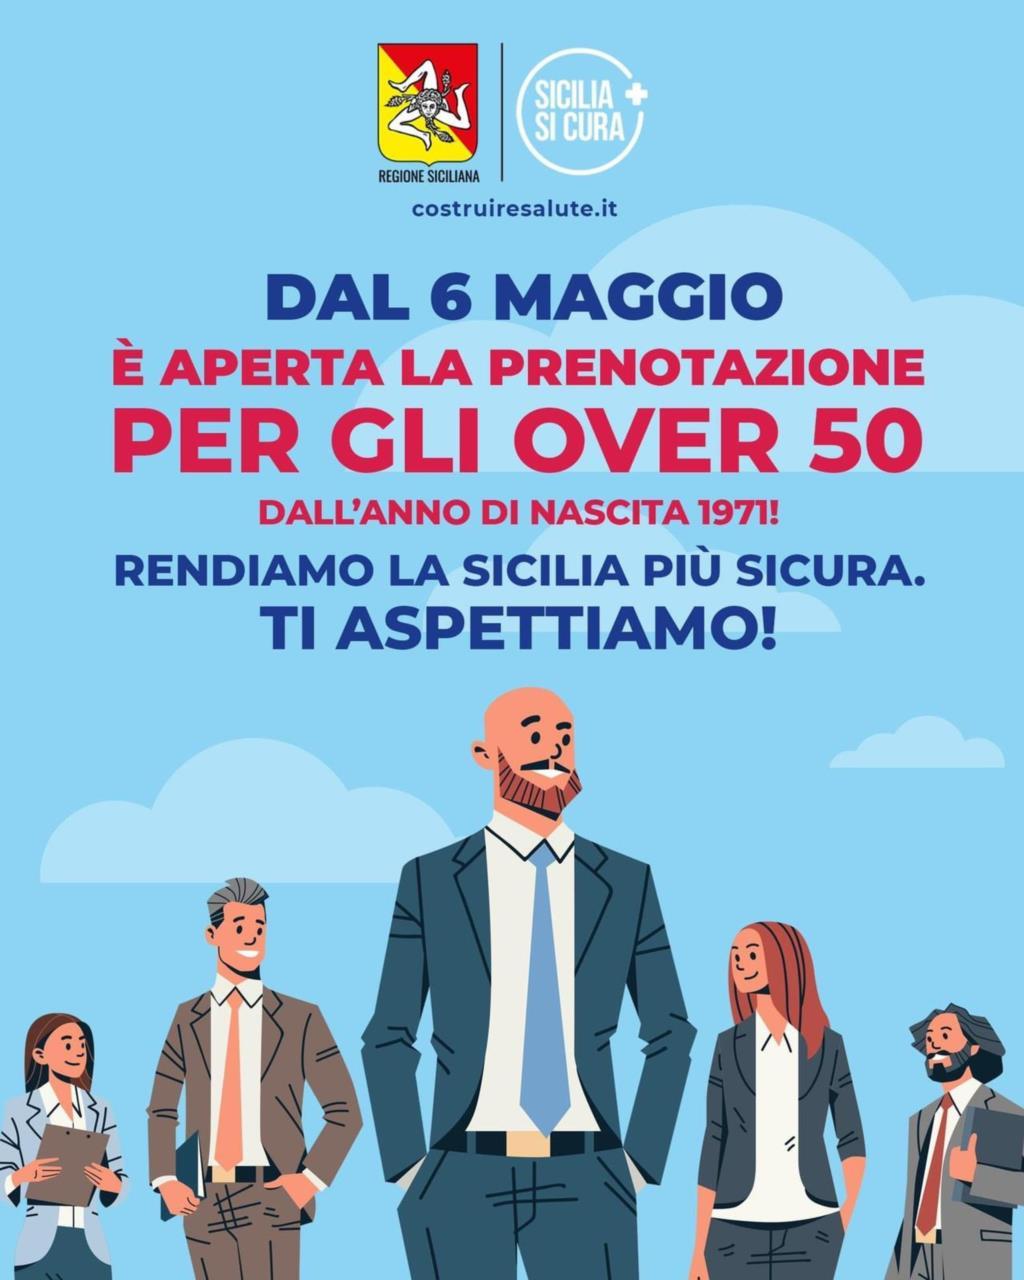 Sicilia, da oggi vaccini anti Covid anche per i 50enni. Ecco come fare.